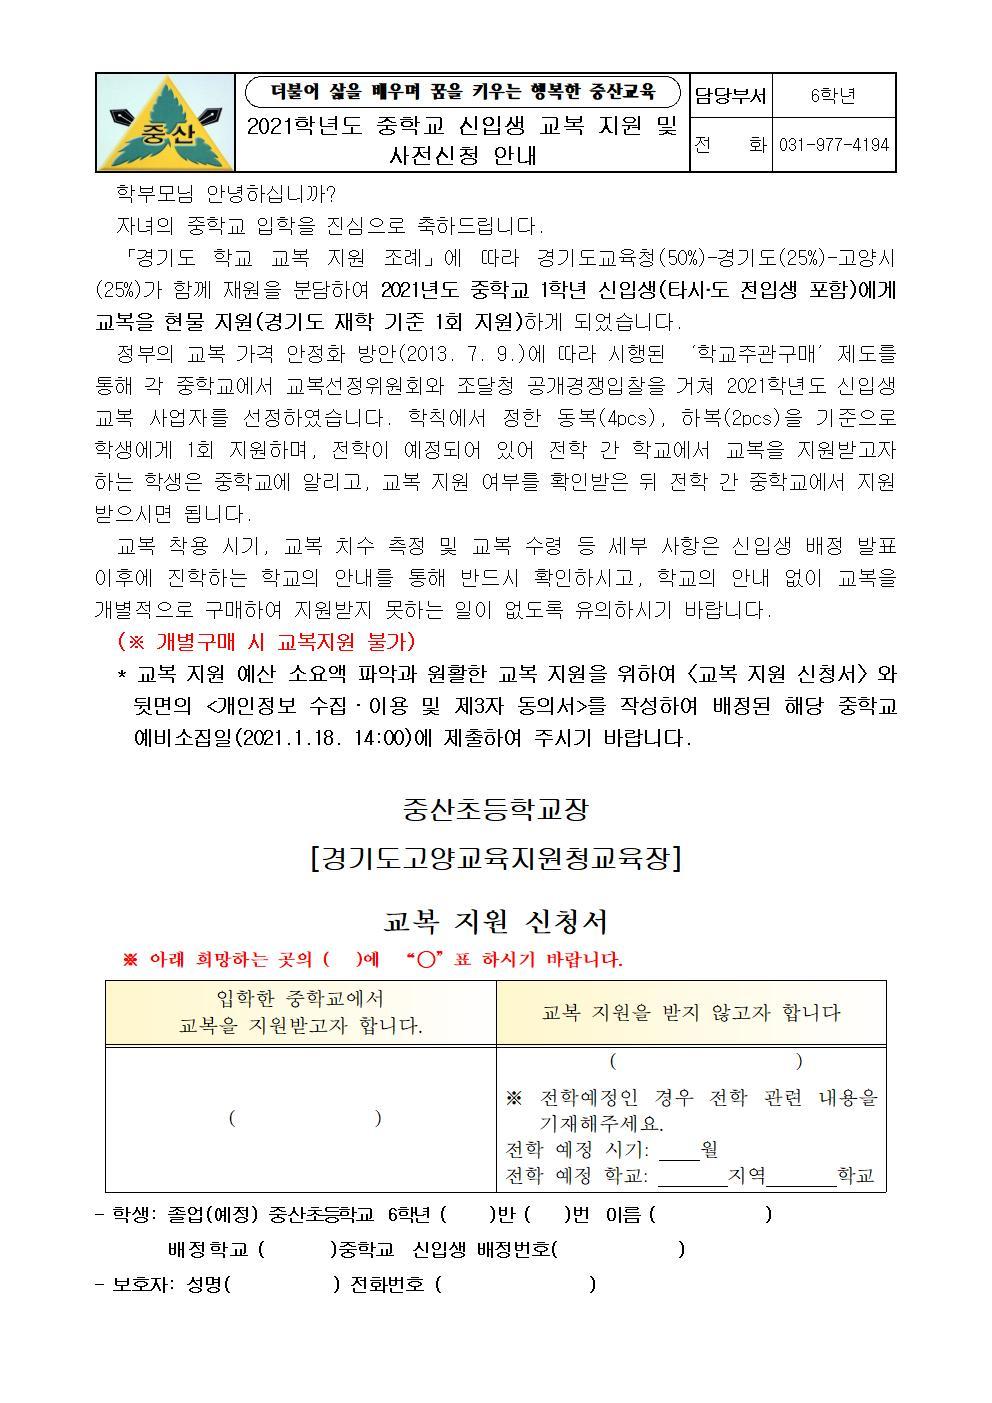 [일반] 2021학년도 중학교 신입생 교복 지원 안내 및 사전신청 안내의 첨부이미지 1